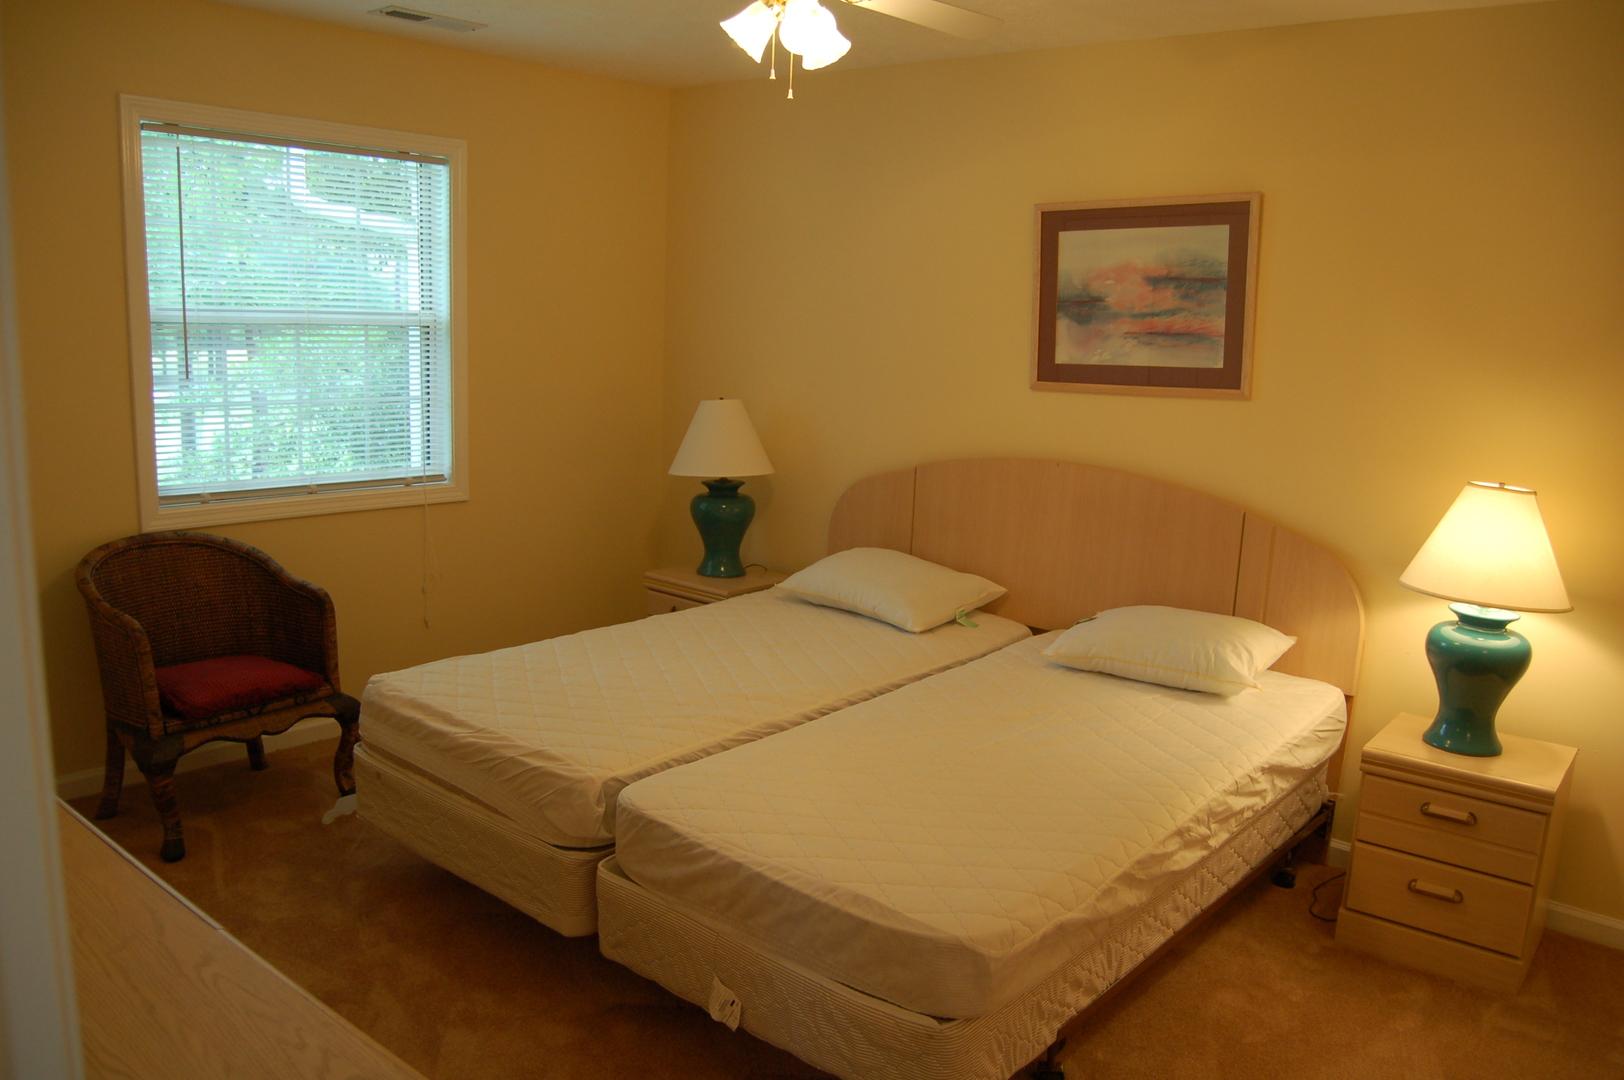 Long Term Rental in Myrtle Beach | 529 River Oaks 19g, Myrtle Beach ...